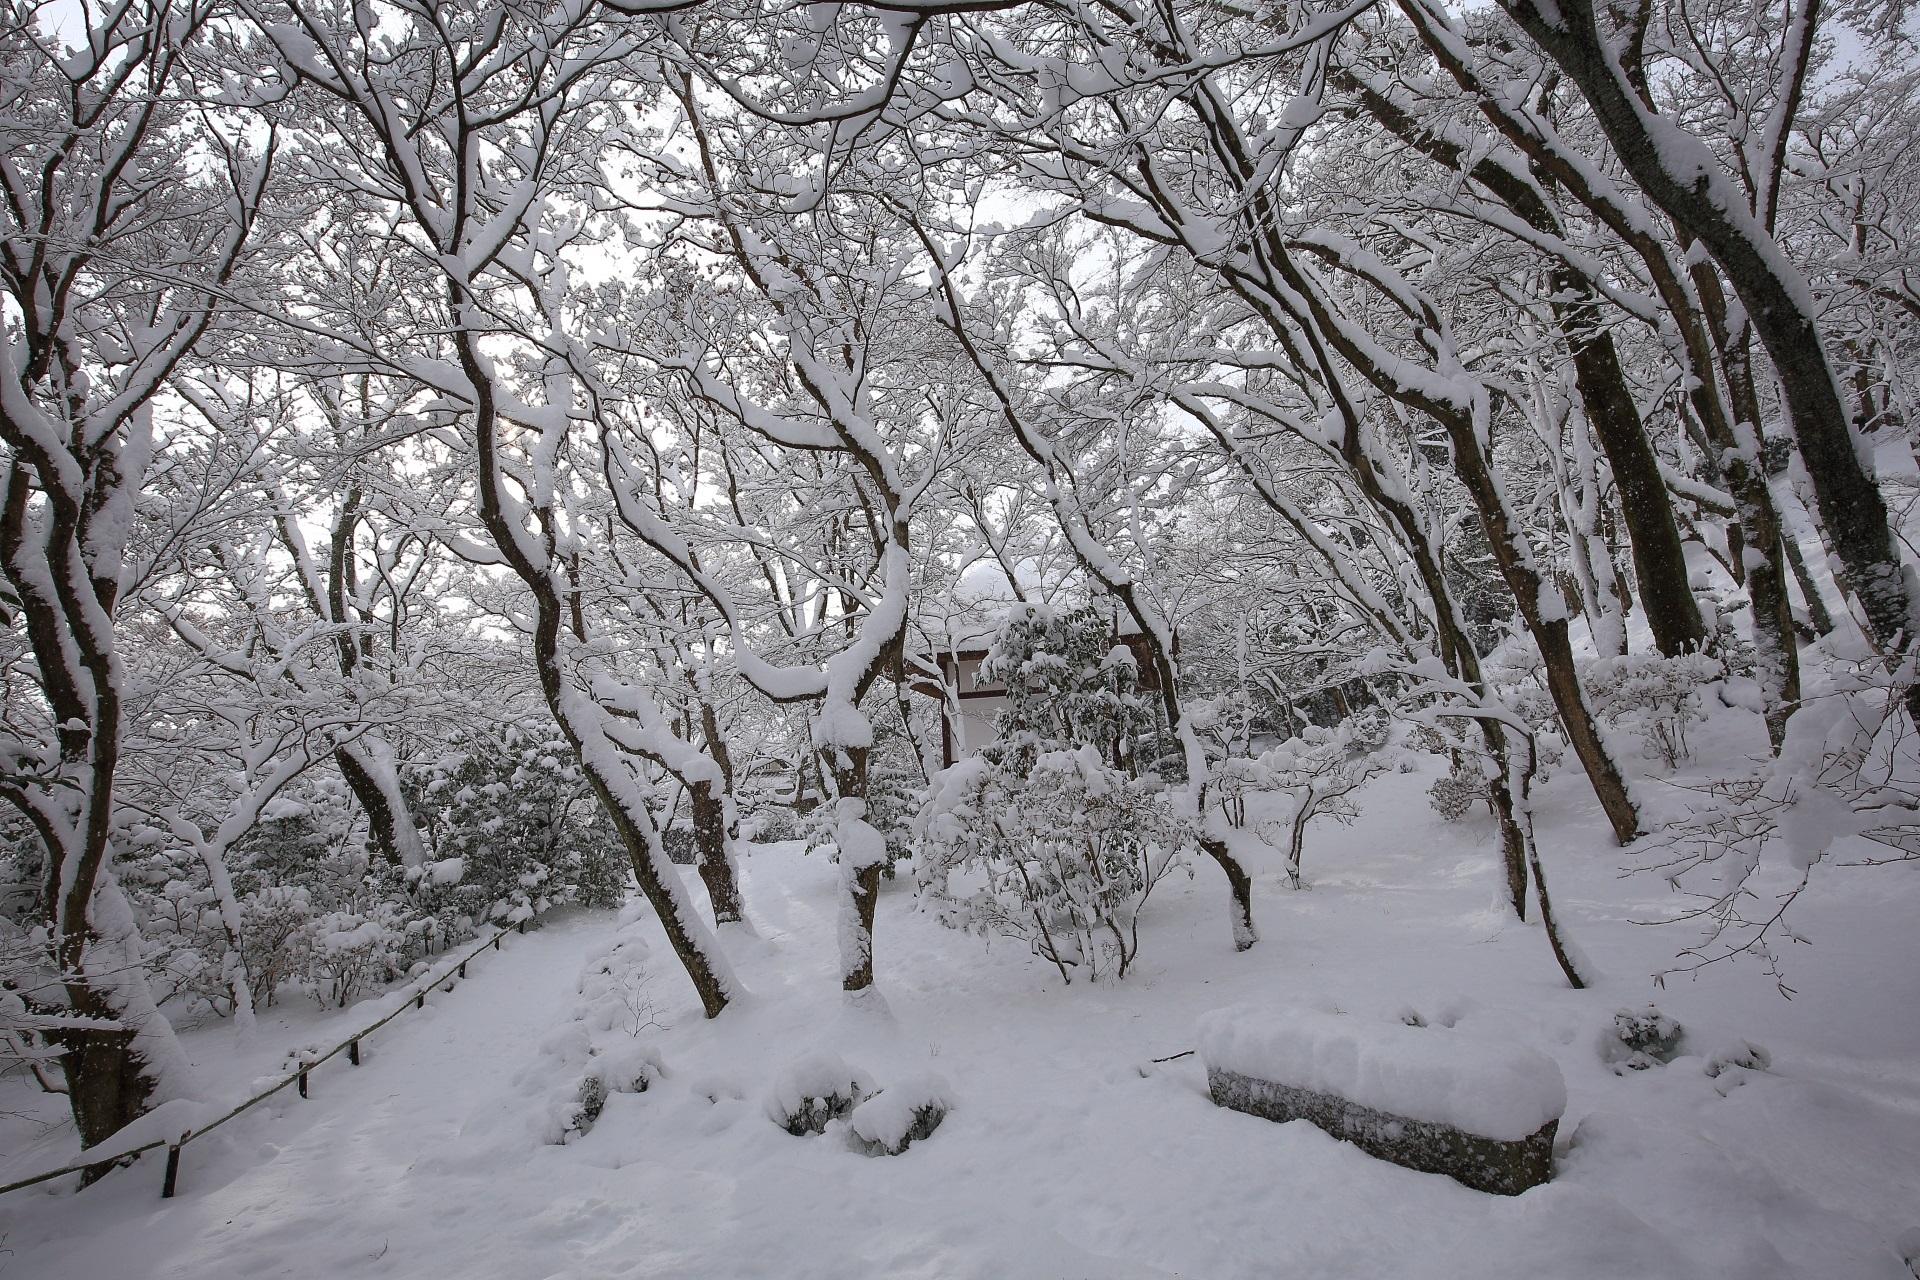 華やかな雪の花が満開の常寂光寺